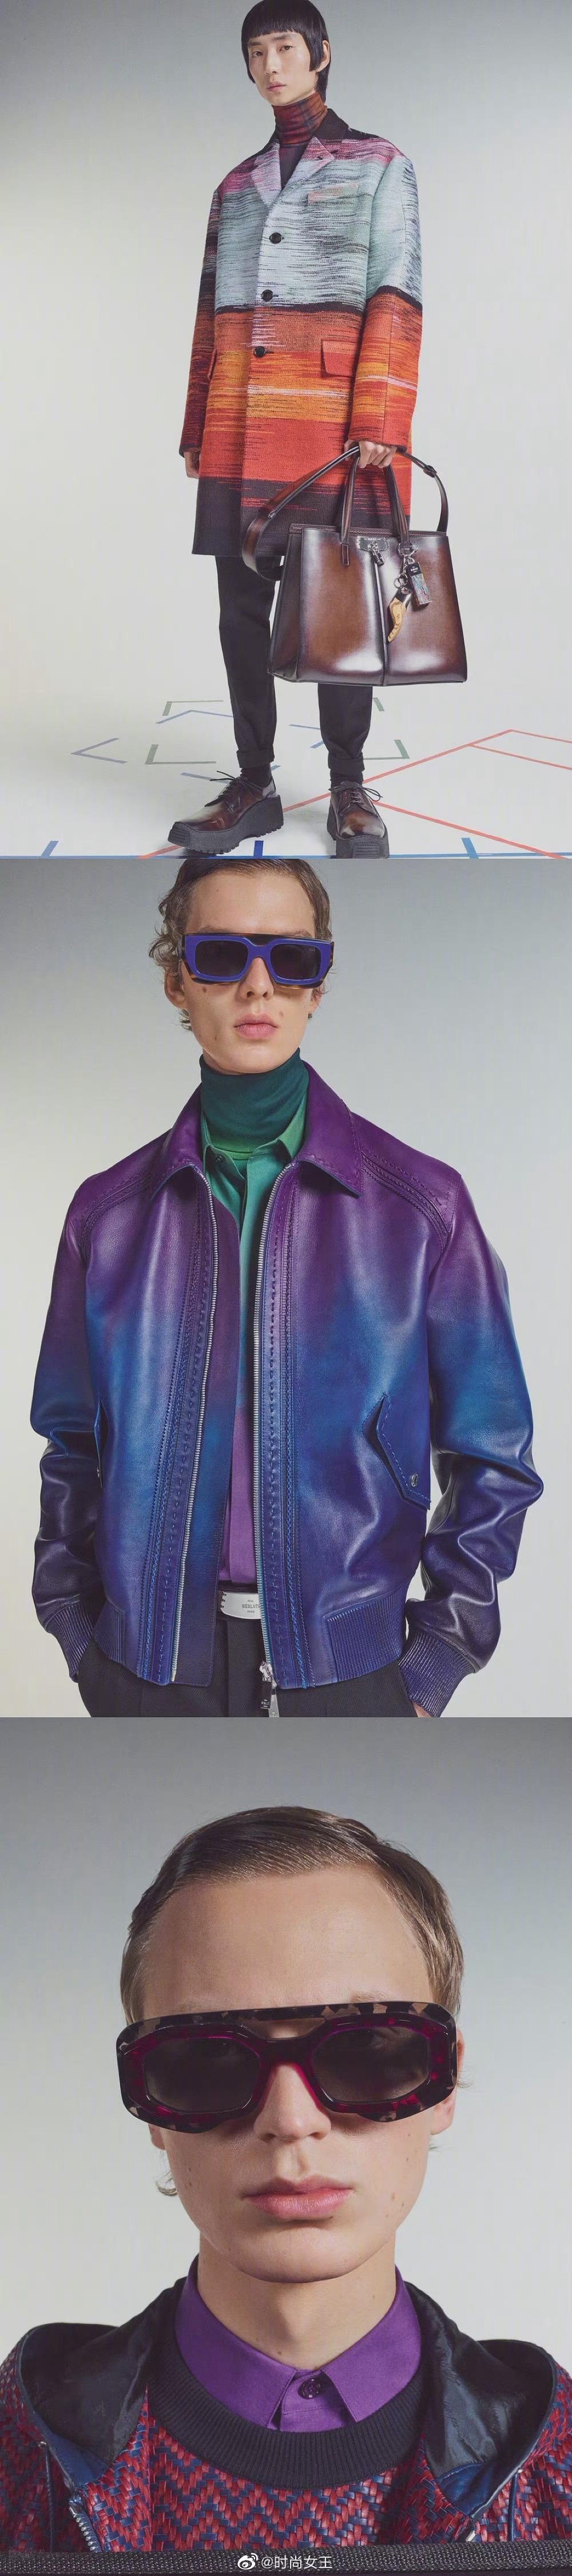 Berluti F/W 2021 男装系列|渐变色彩打造出满满的高级感!